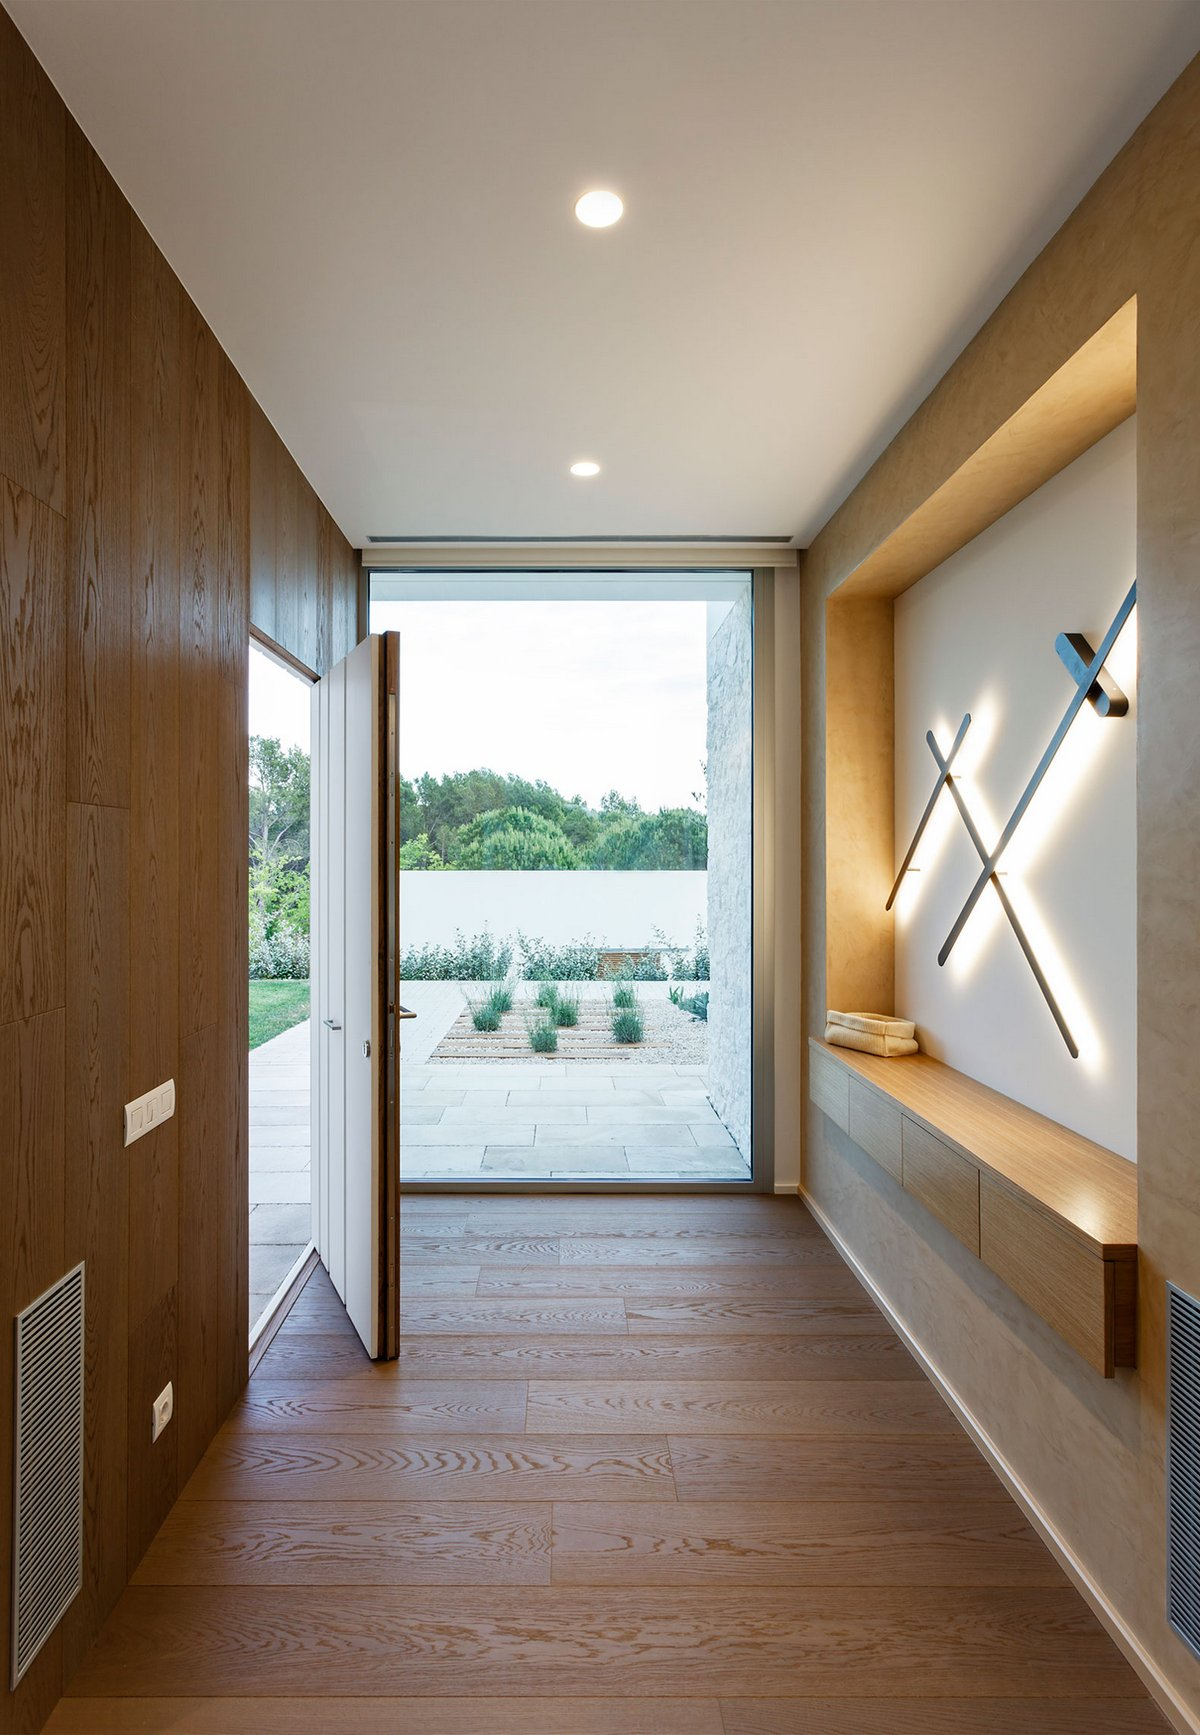 Costa Calsamiglia Arquitecte, Thomsen House, идеальный газон во дворе фото, дом в Испании фото, дома у моря фото, частный дом в Эмпорионе